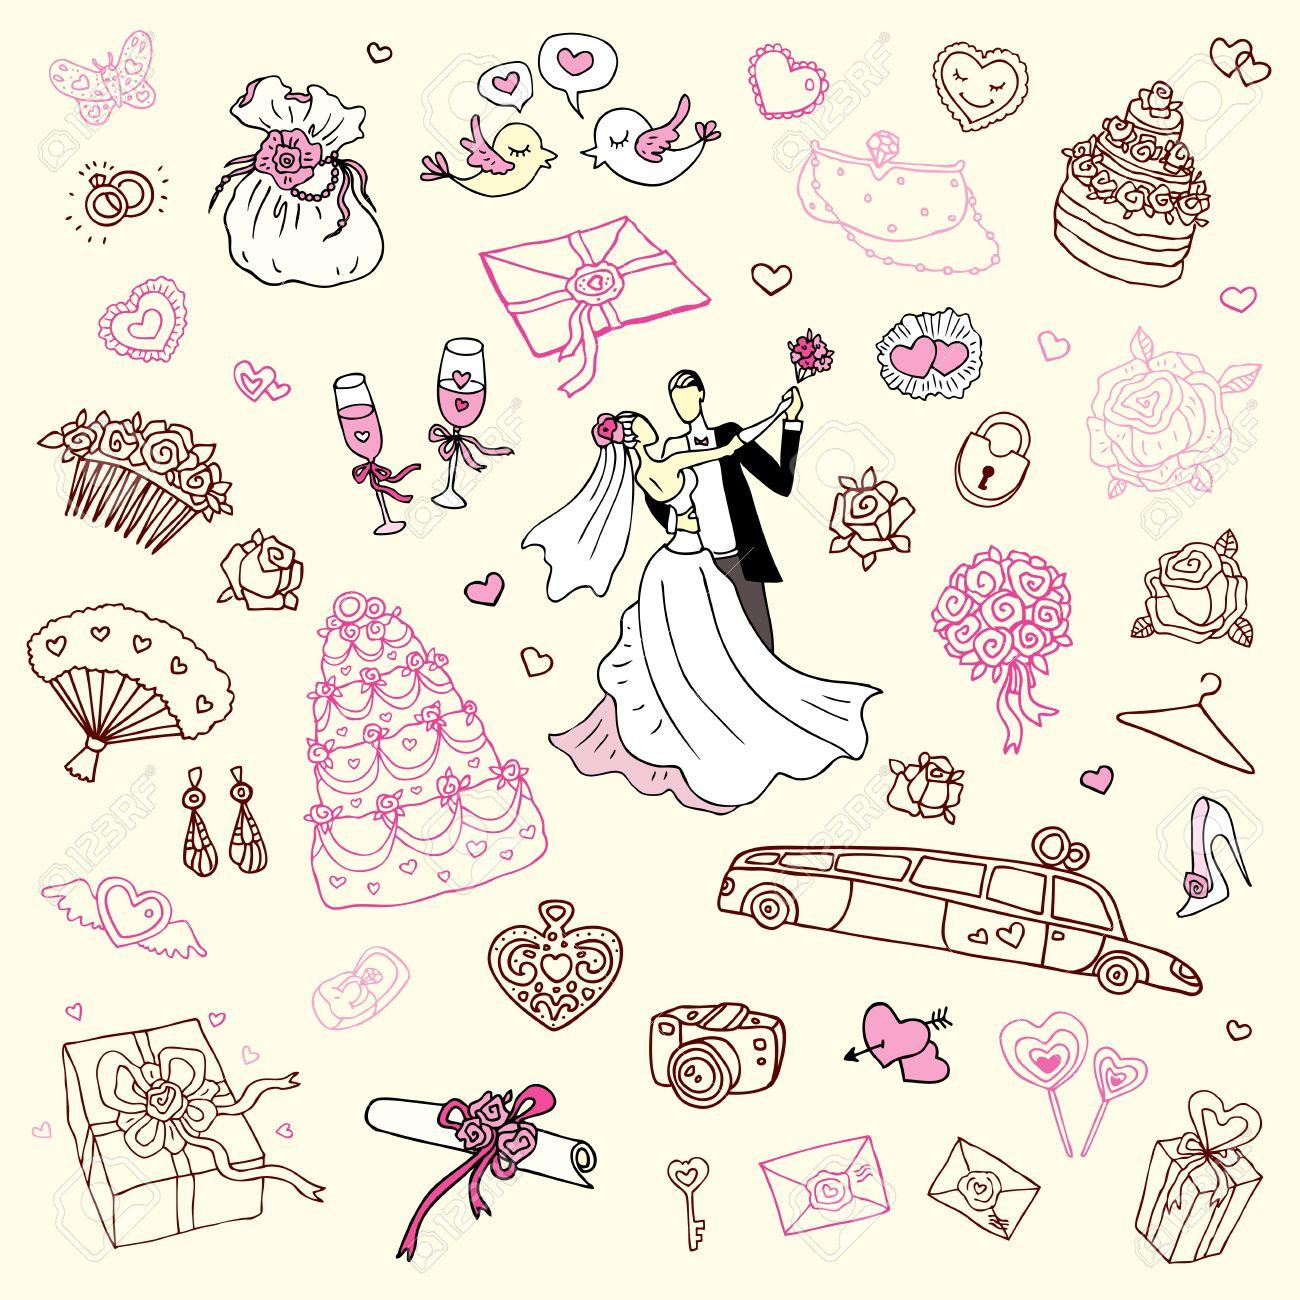 結婚式 イラスト 手書き おしゃれ Khabarplanet Com